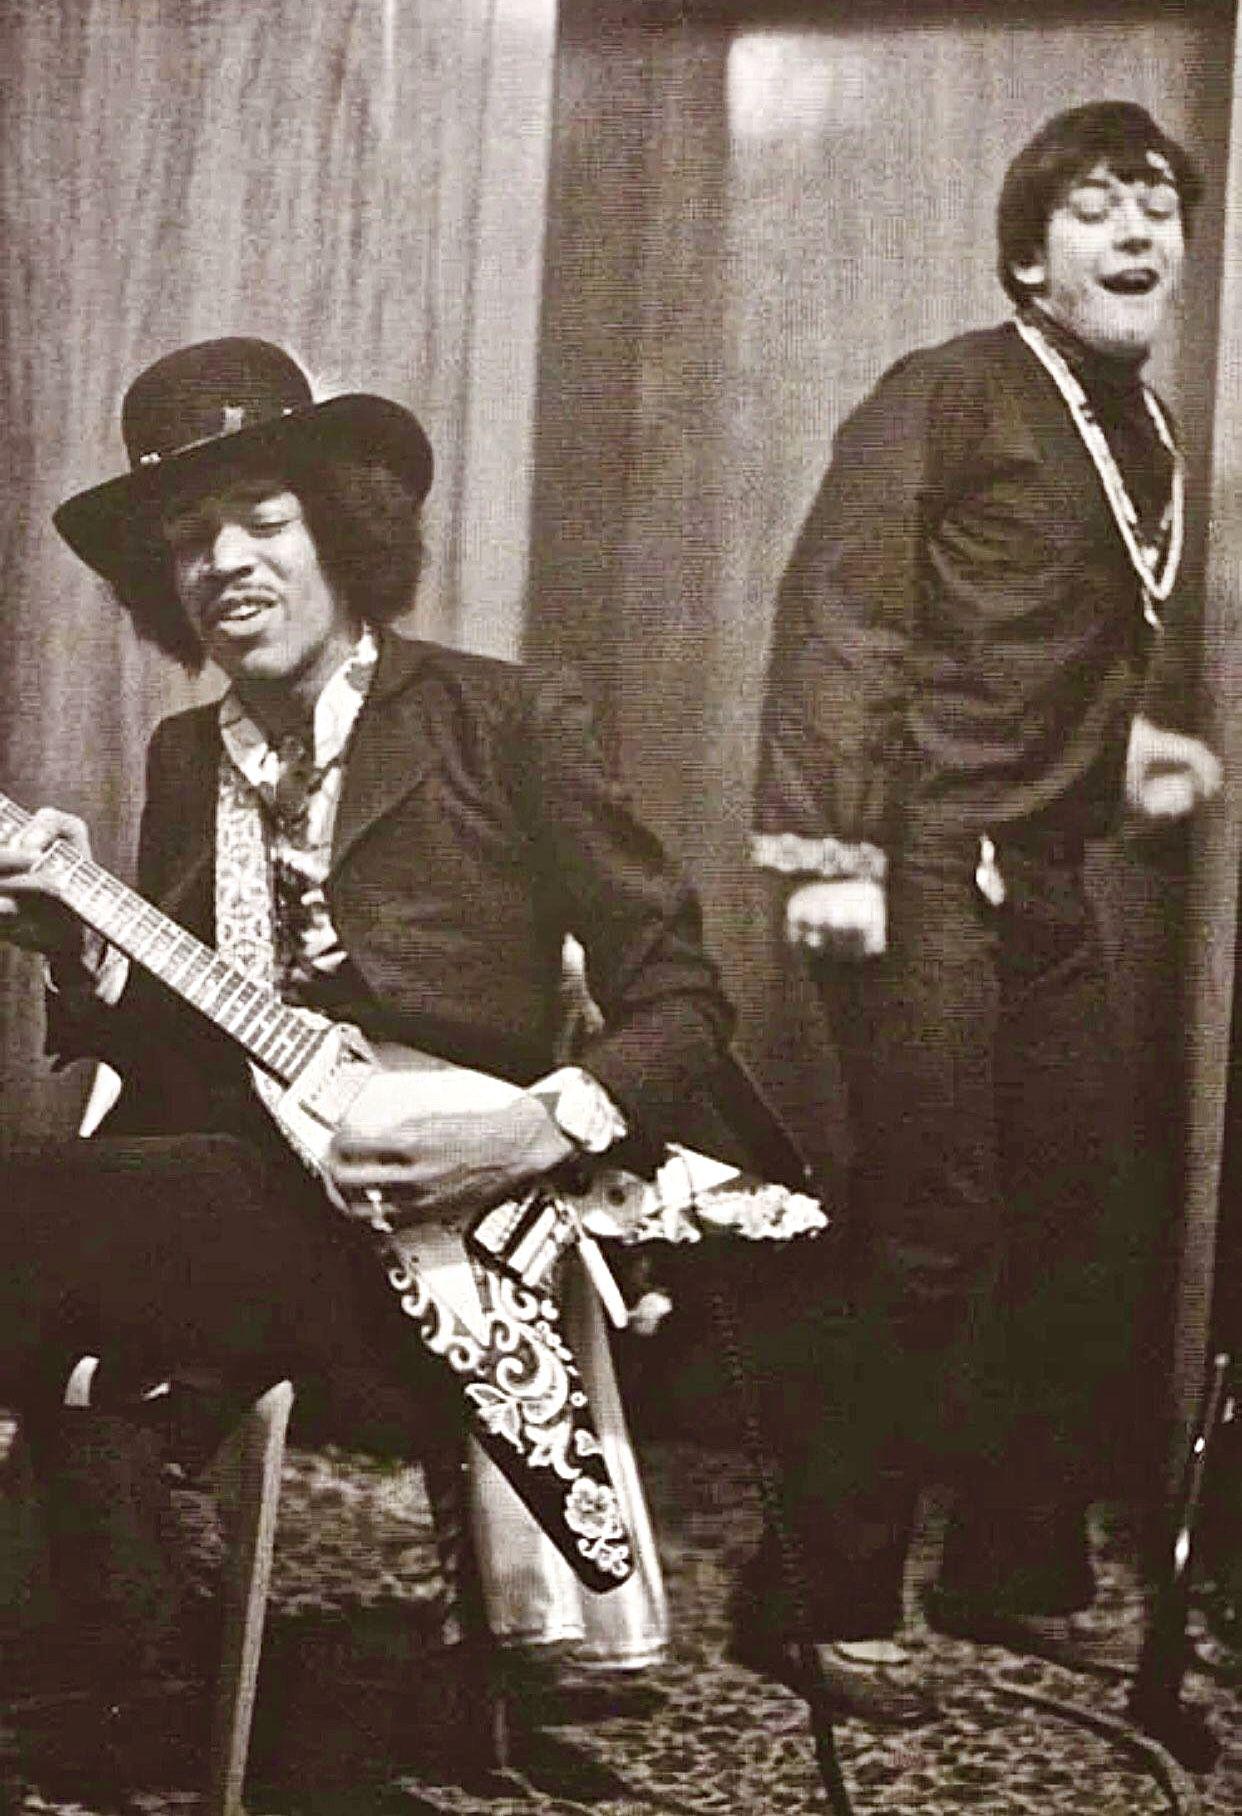 Jimi Hendrix & Eric Burdon | Eric burdon, Jimi hendrix, Jimi